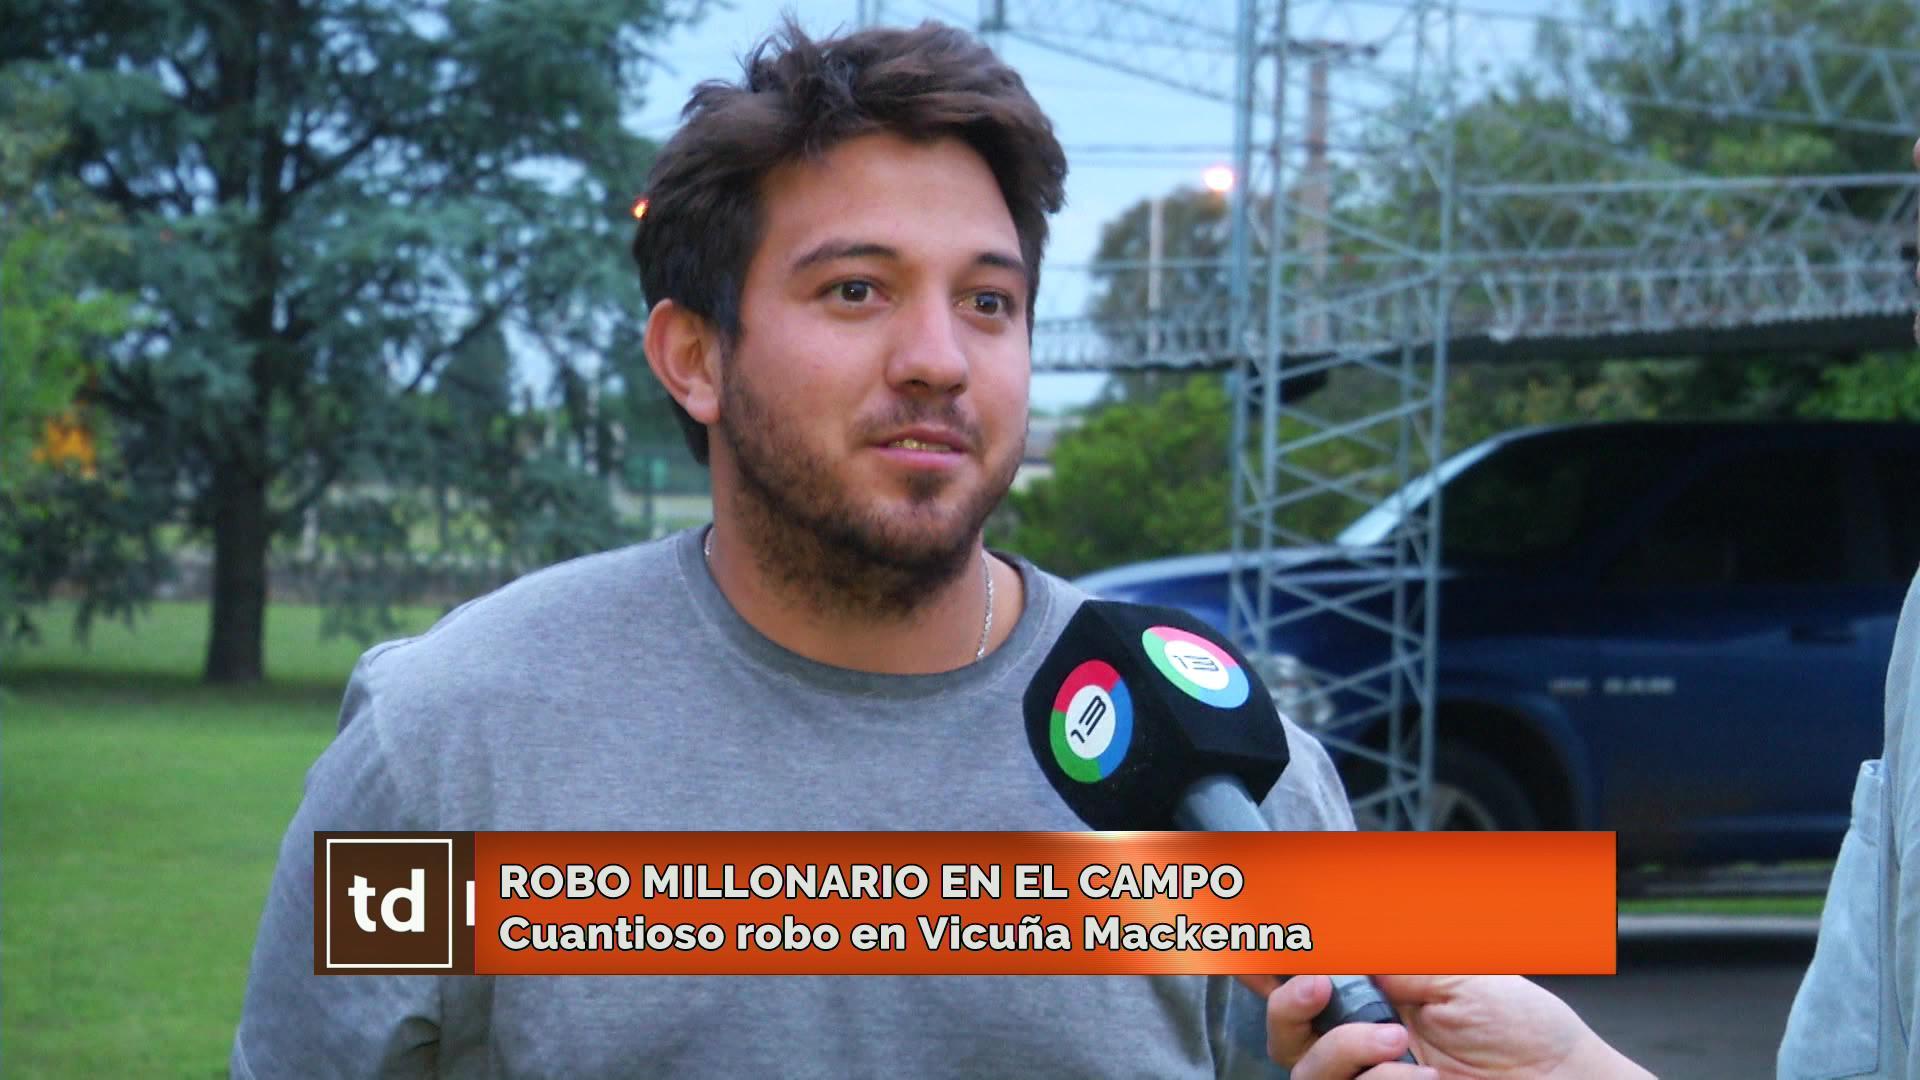 Millonario robo en un campo de Vicuña Mackenna: «Ingresaron dos veces en un mes y medio - Telediario Digital